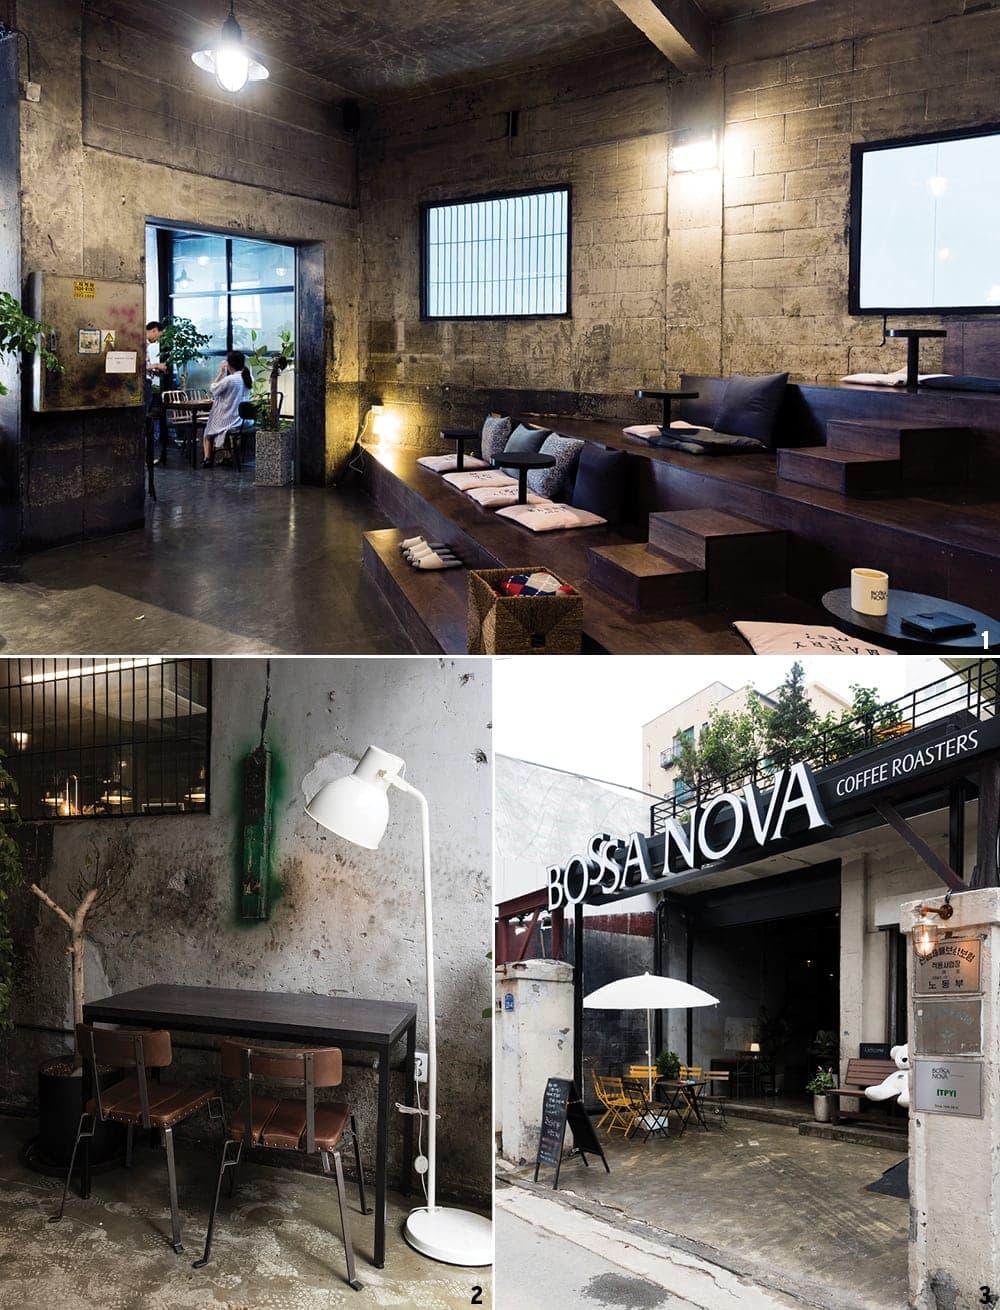 1 마치 무대 객석처럼 꾸며놓은 테이블과 좌석. 2 검게 그을린 벽과 거친 페인트칠을 그대로 간직하고 있는 벽. 3 1층은 공장, 2층은 직원들의 기숙사였던 보사노바.